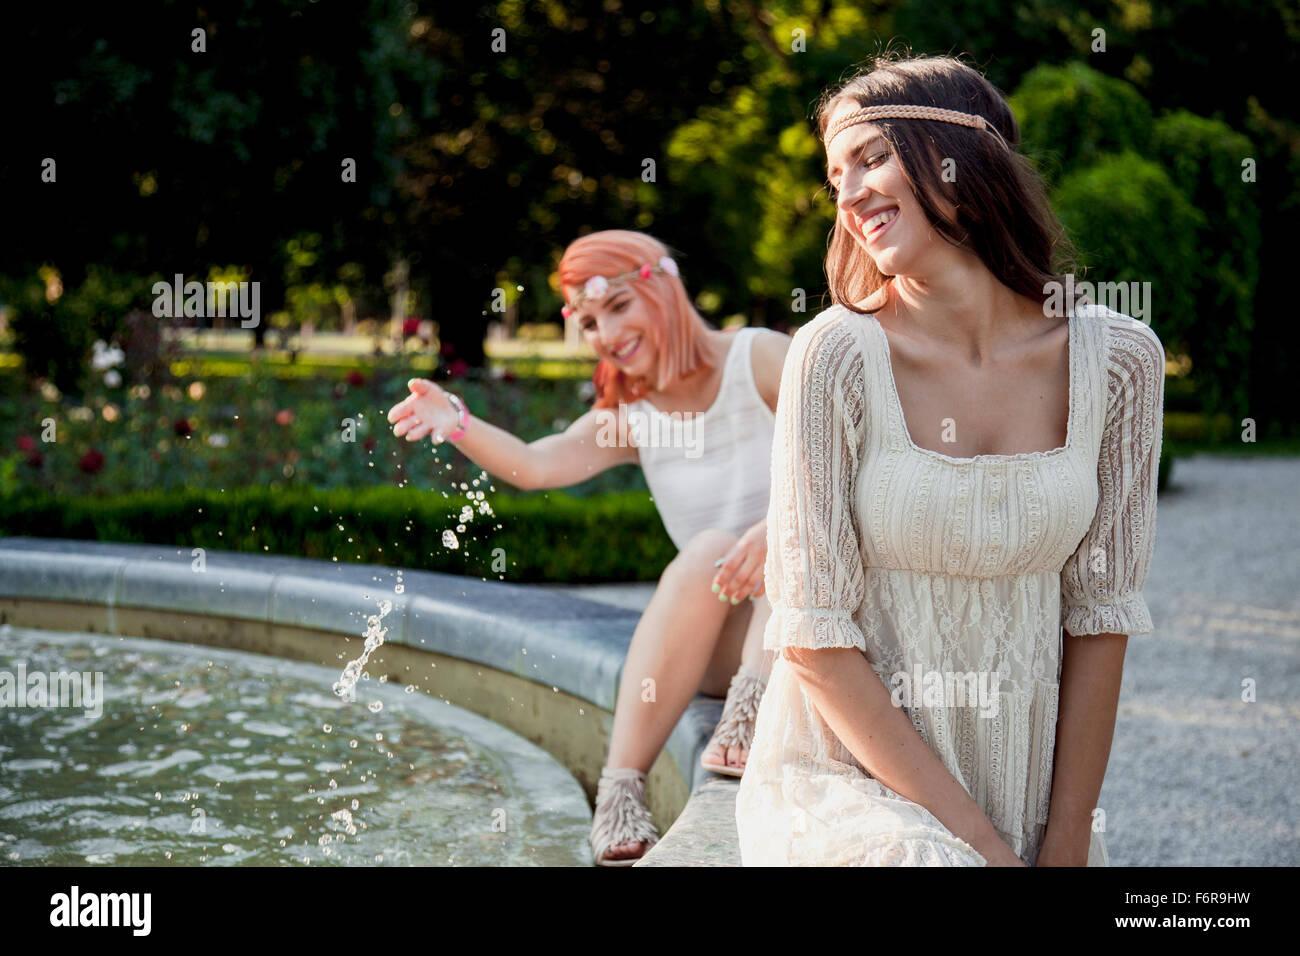 Les jeunes femmes en hippie style fashion les projections d'eau. Photo Stock